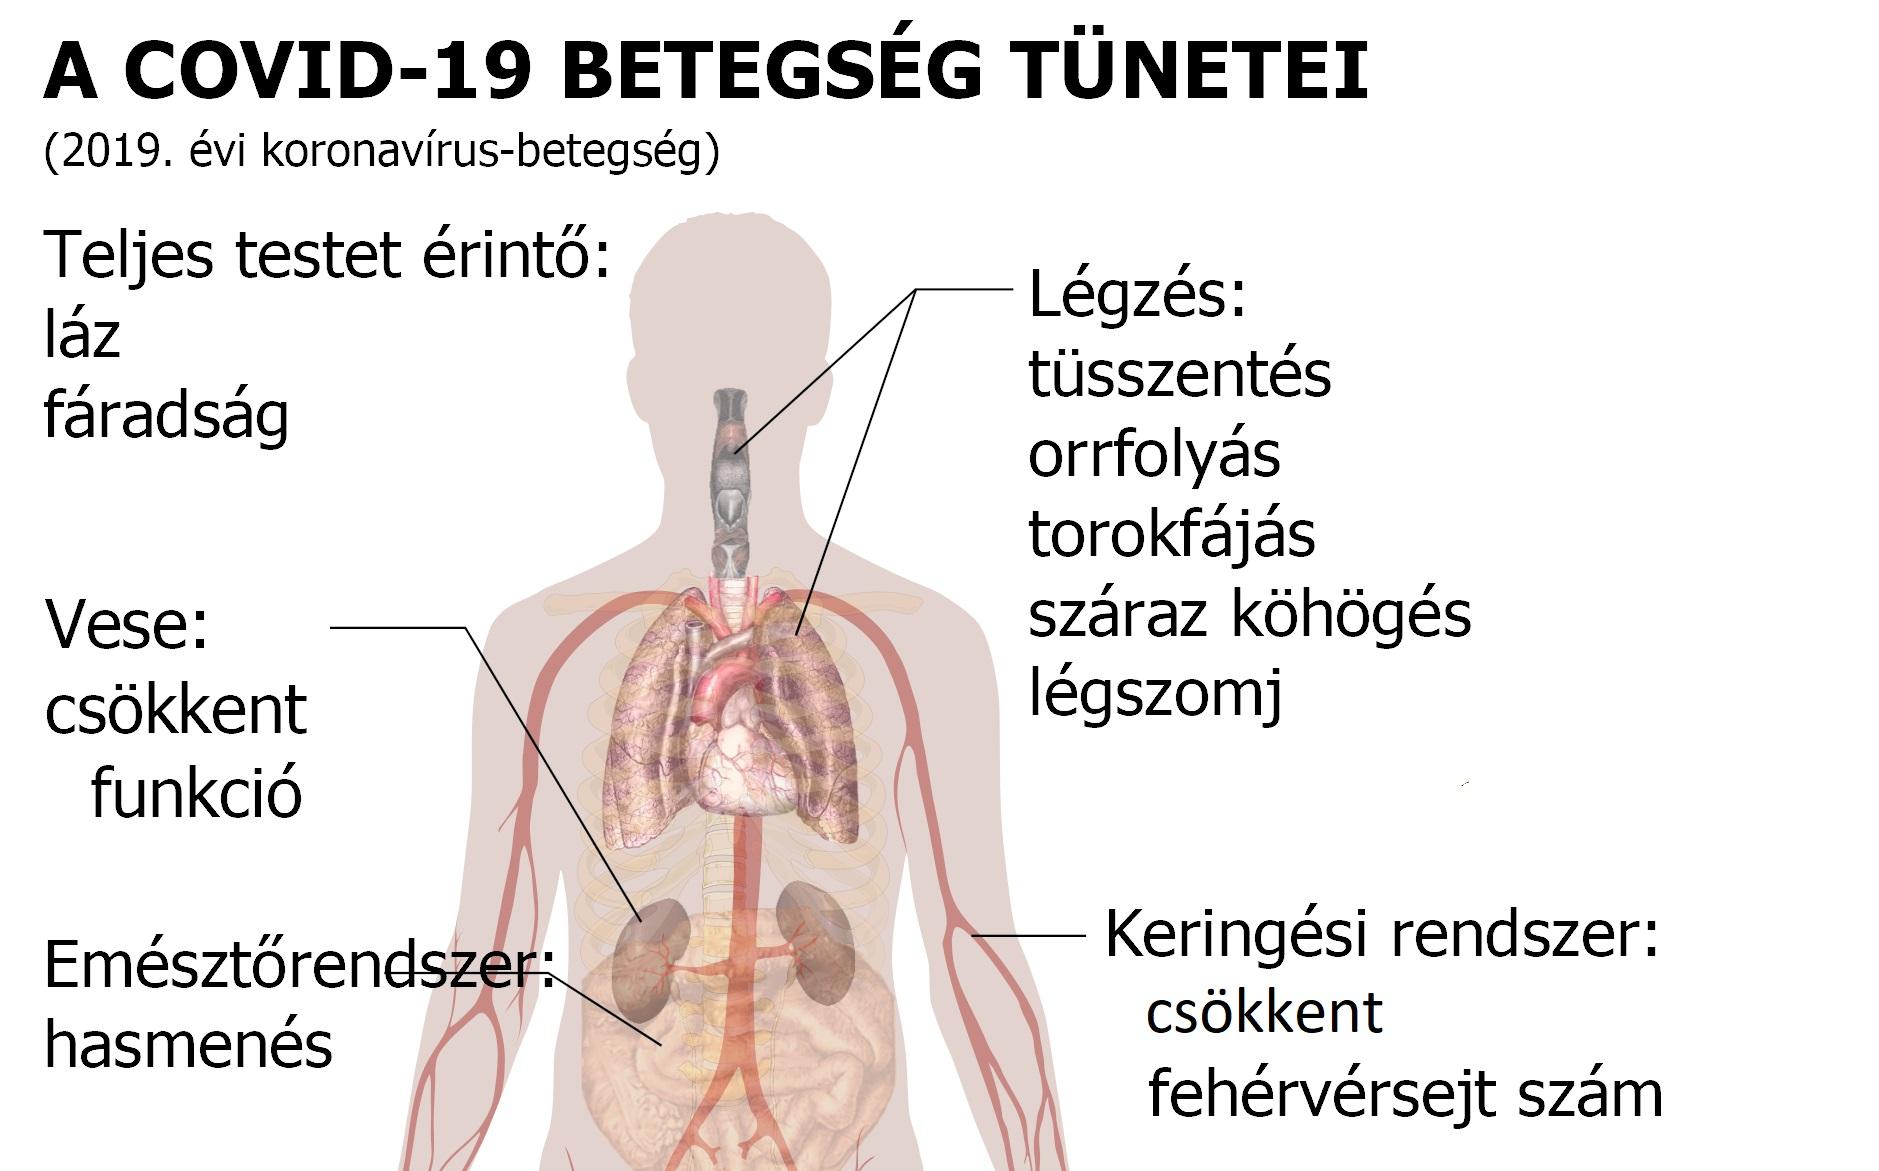 Magas tüdővérnyomás: a kórkép, ami felforgatja a betegek életét - HáziPatika